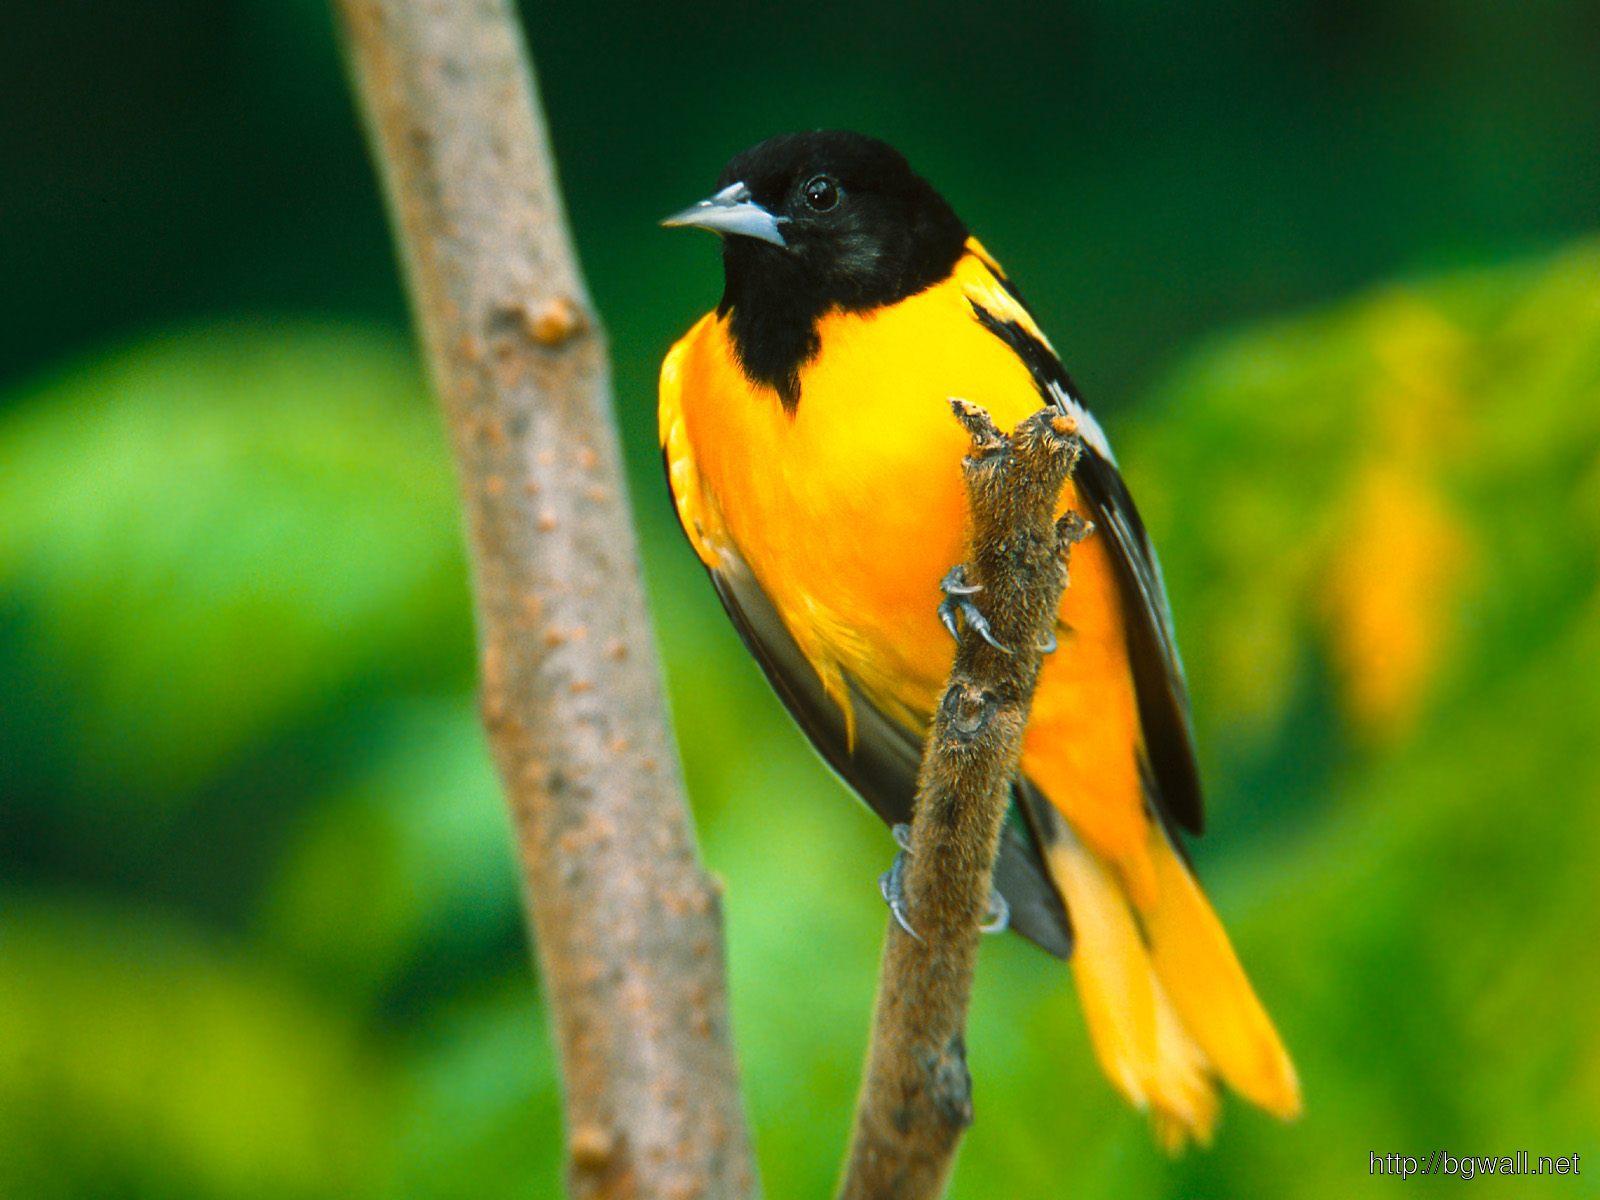 cute-little-yellow-bird-in-green-nature